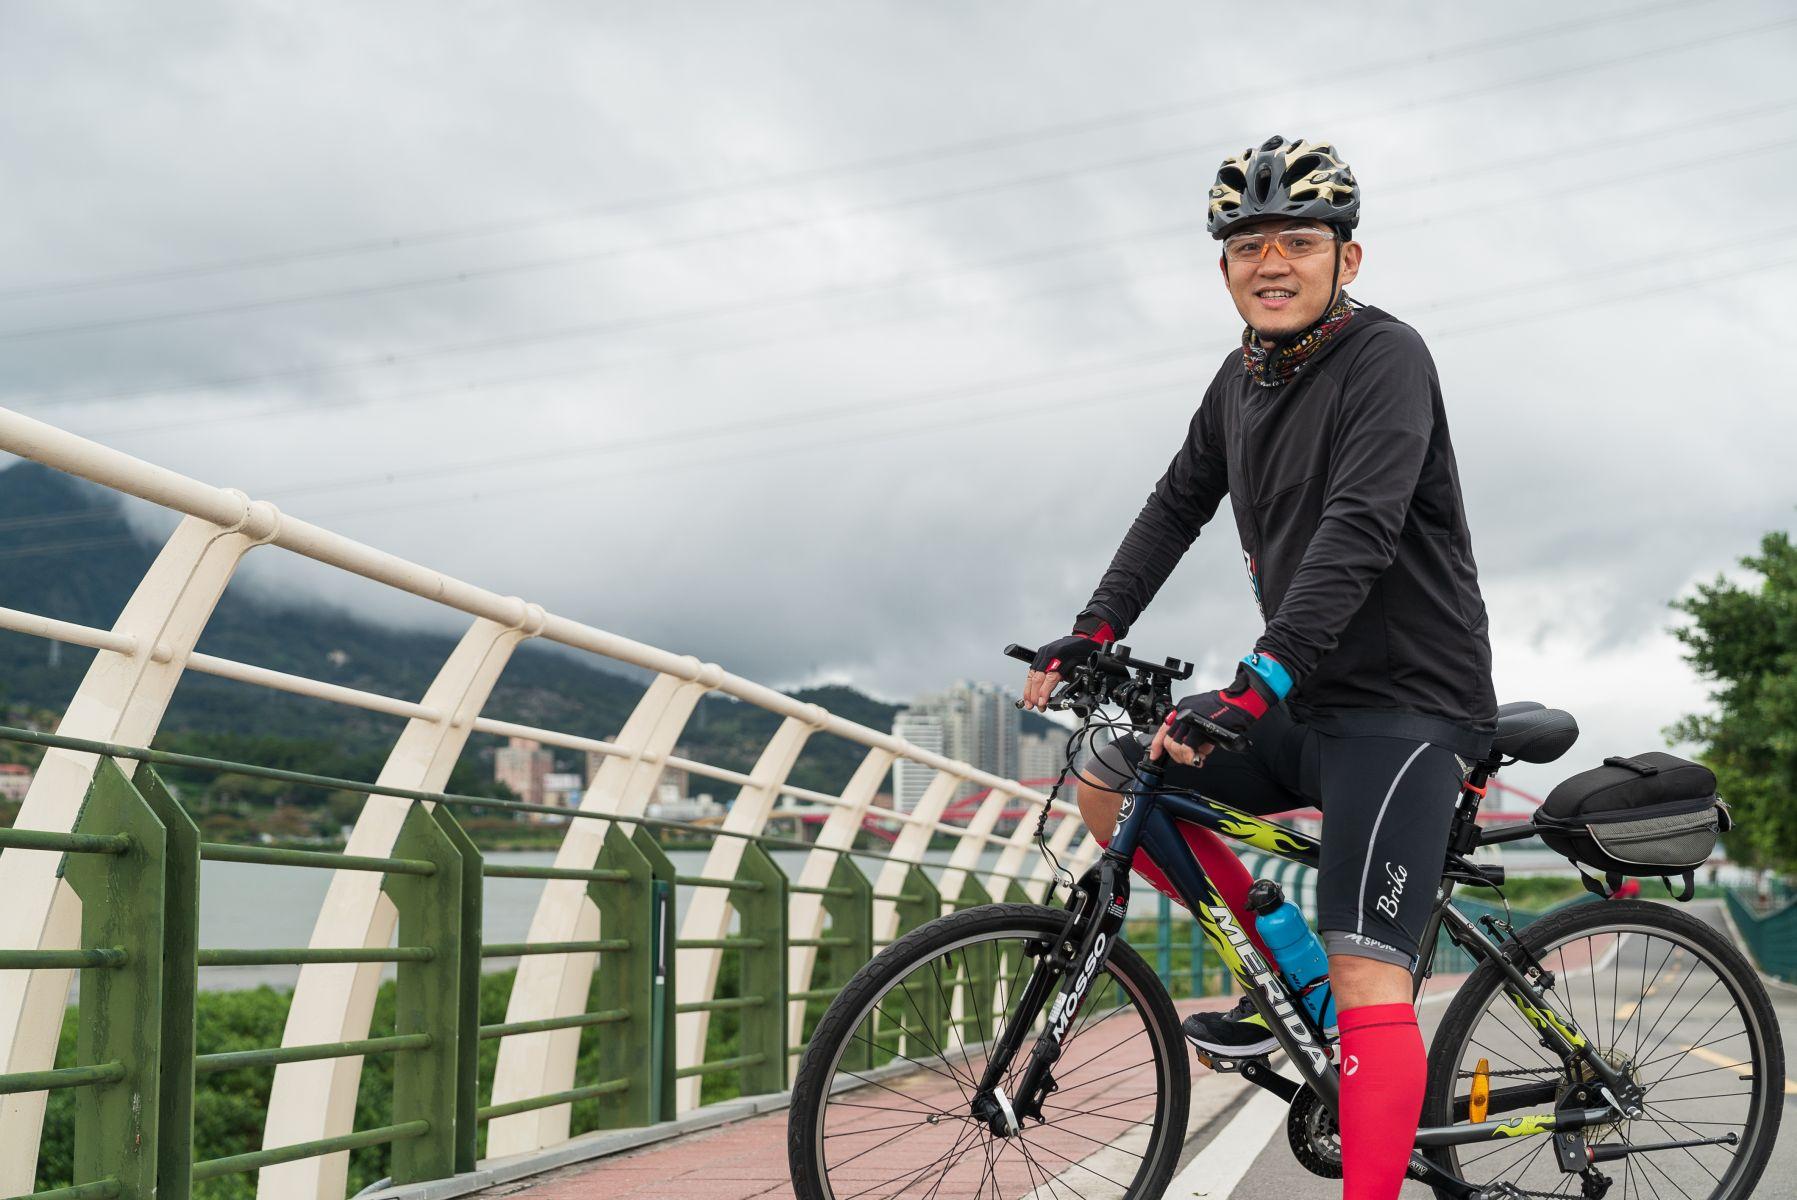 已經愛上運動的謝長勝,騎腳踏車的裝備愈來愈齊全